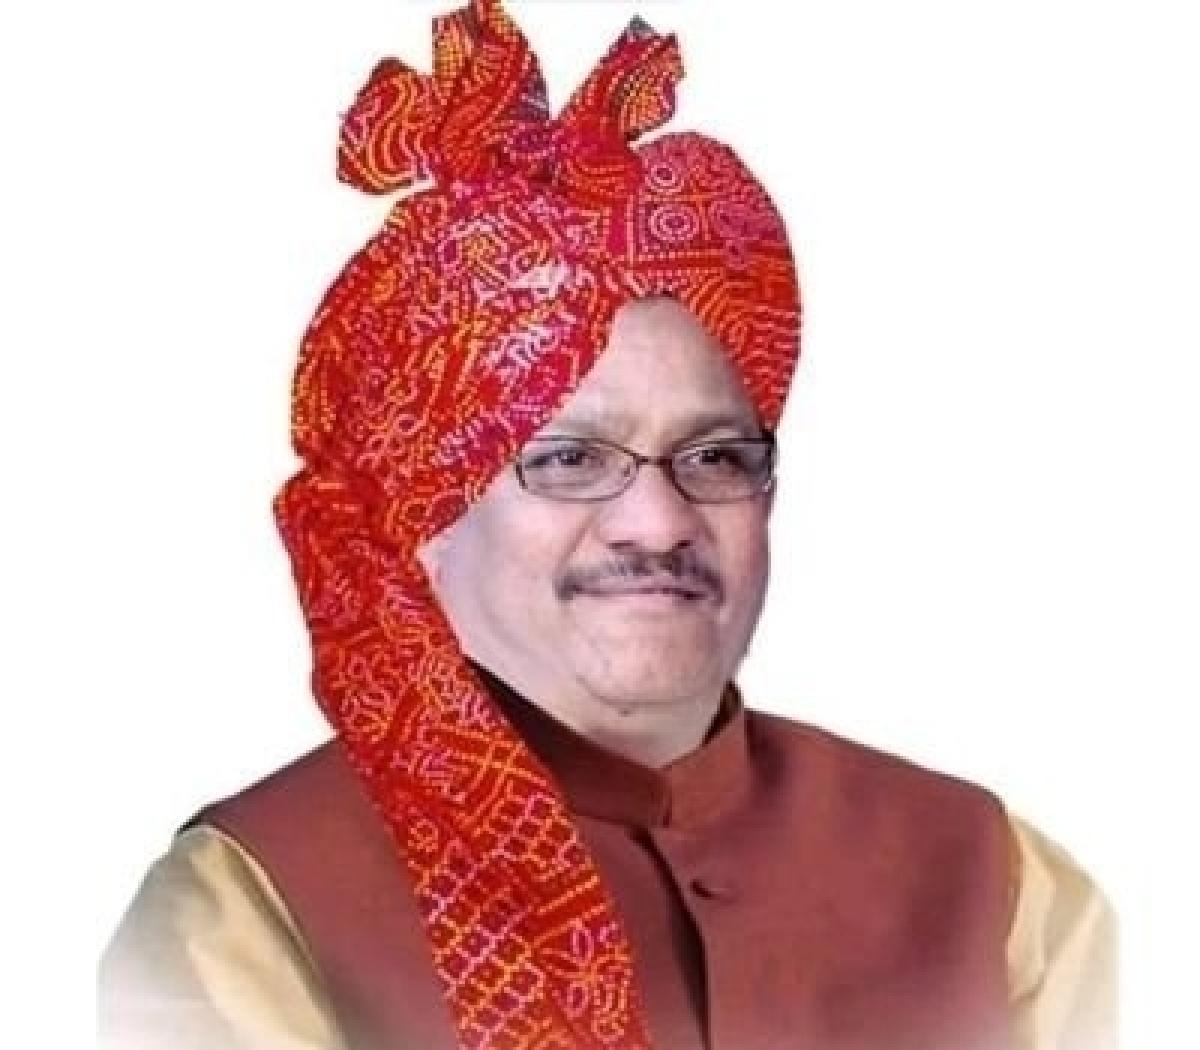 Prem Singh Patel